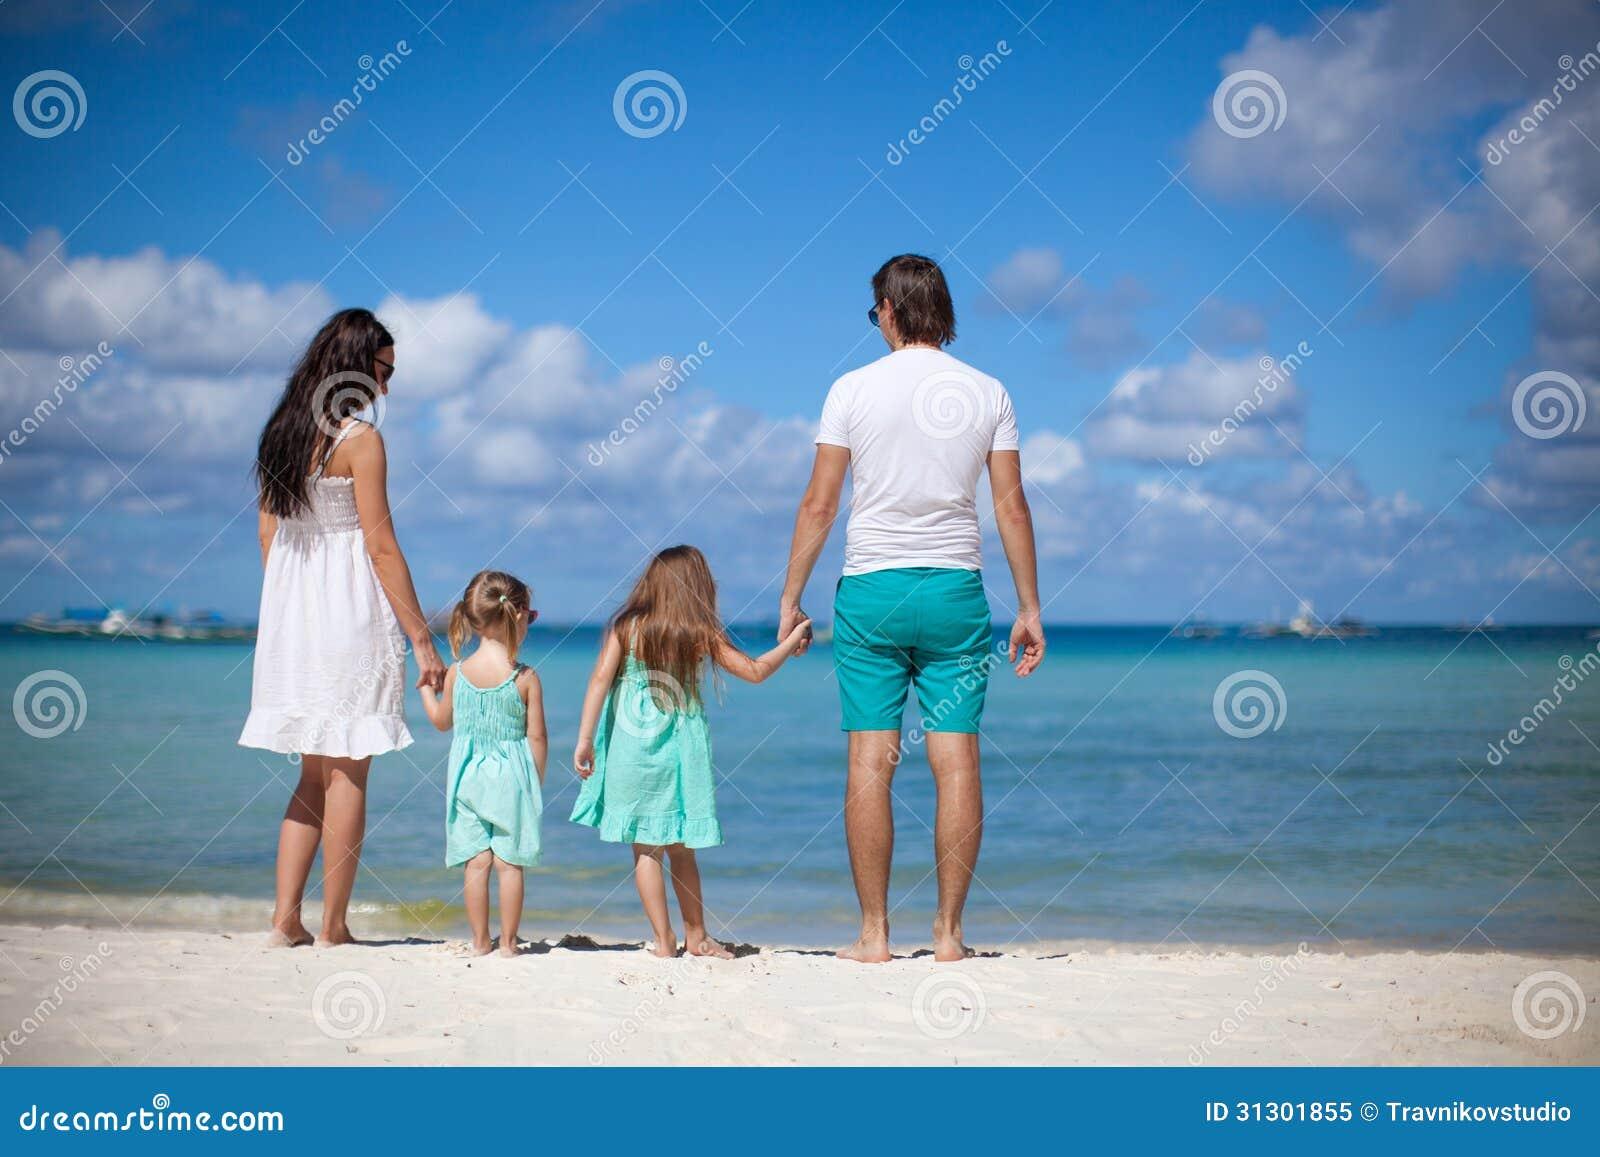 семья красивая фото